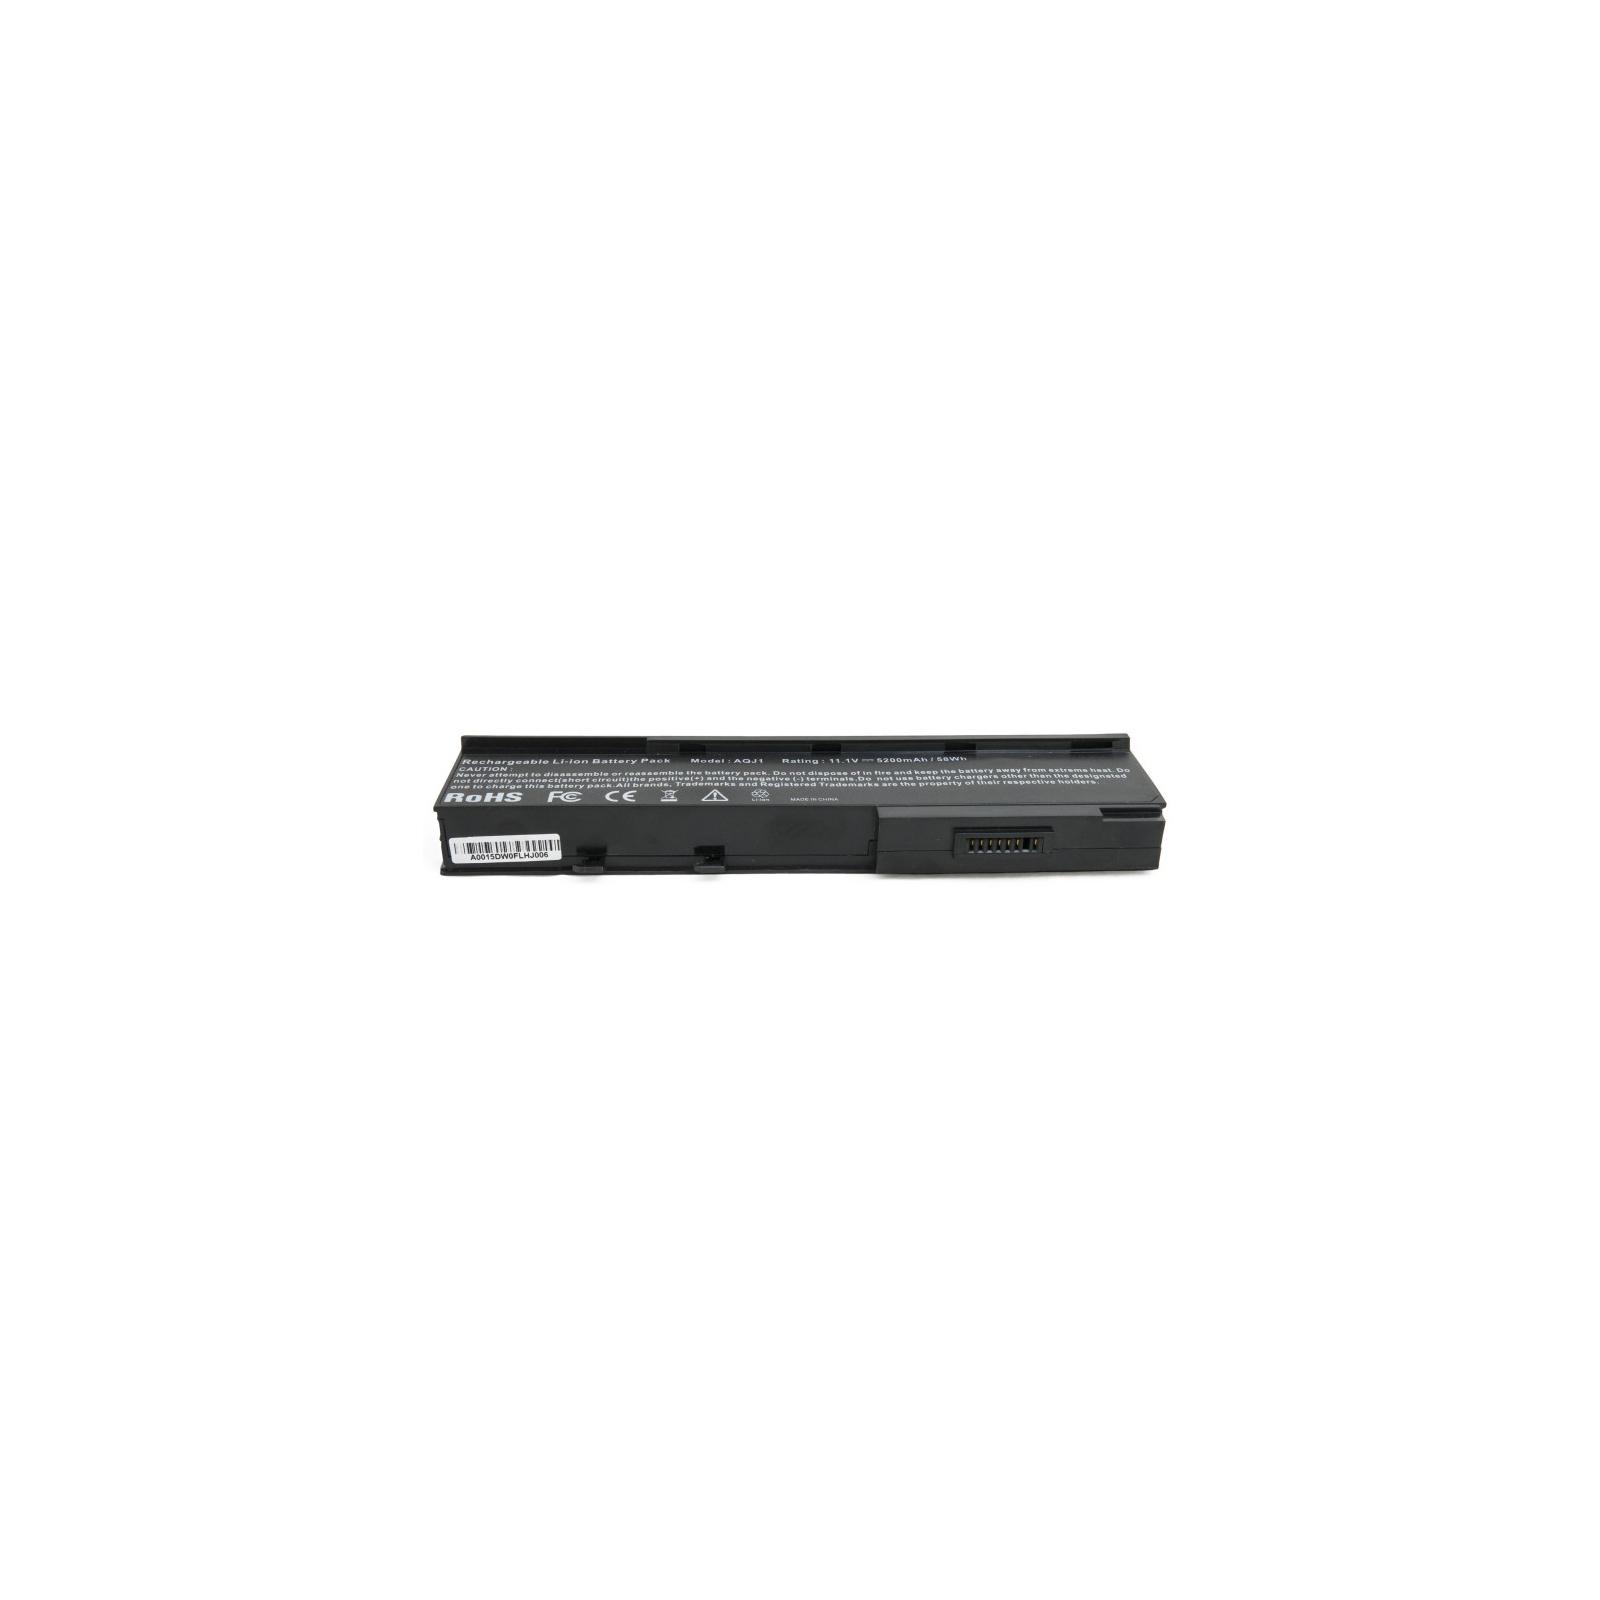 Аккумулятор для ноутбука Acer Aspire 5550 (BTP-AQJ1) 5200 mAh EXTRADIGITAL (BNA3913) изображение 4